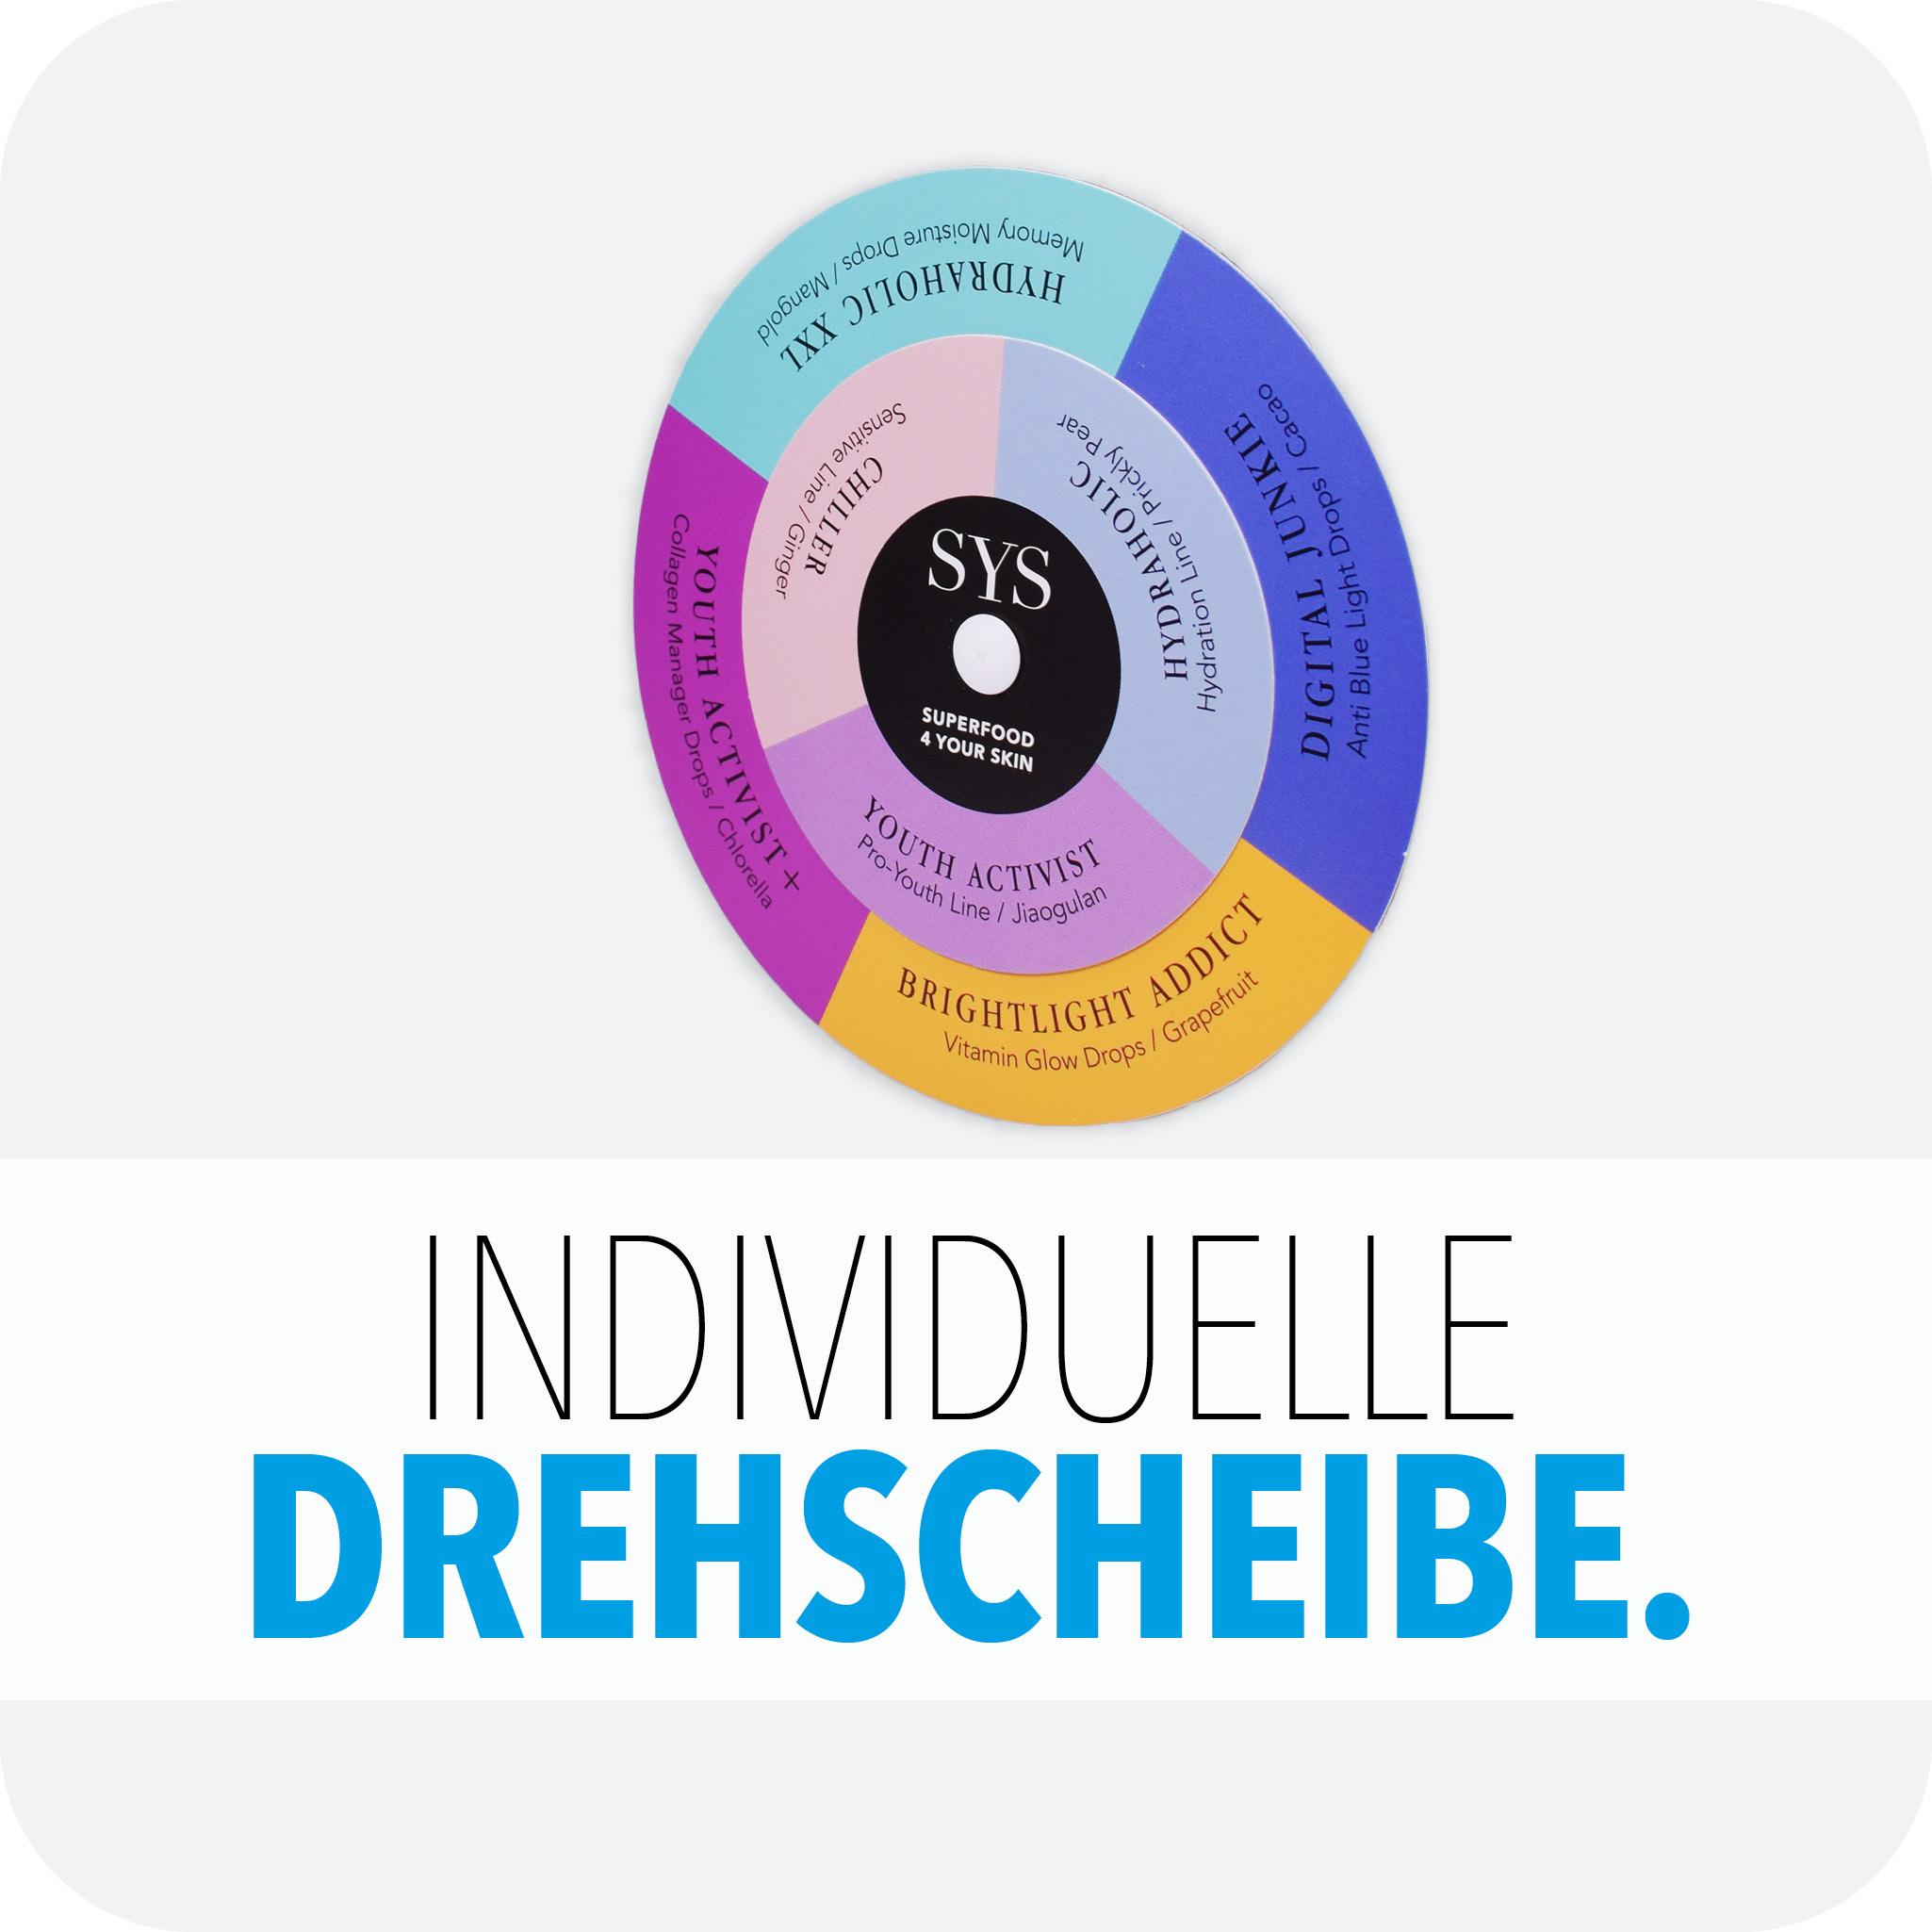 Individuelle Drehscheibe